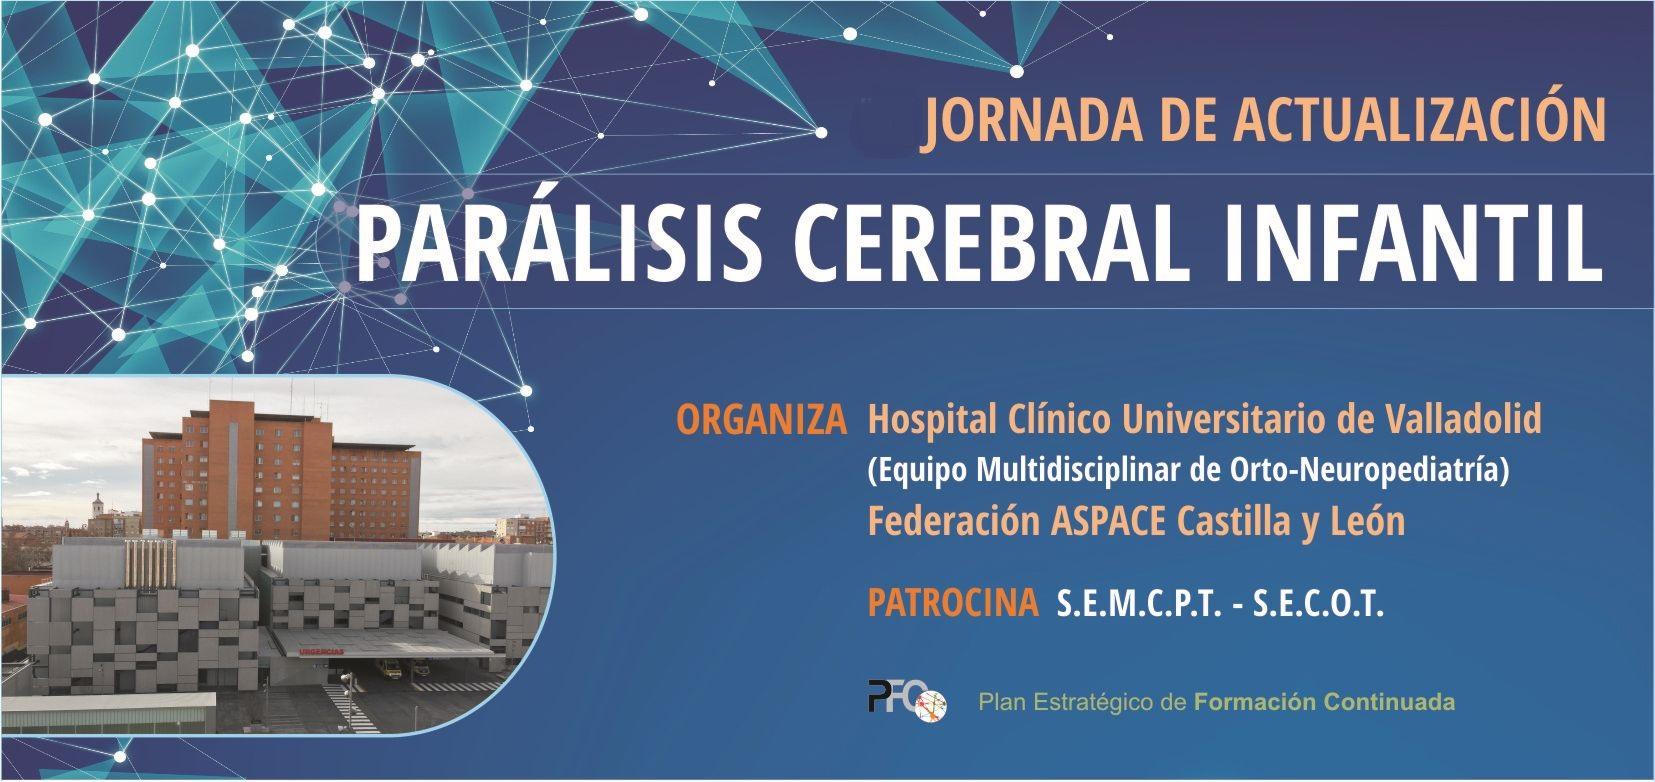 III Jornadas de actualización sobre Parálisis Cerebral Infantil.